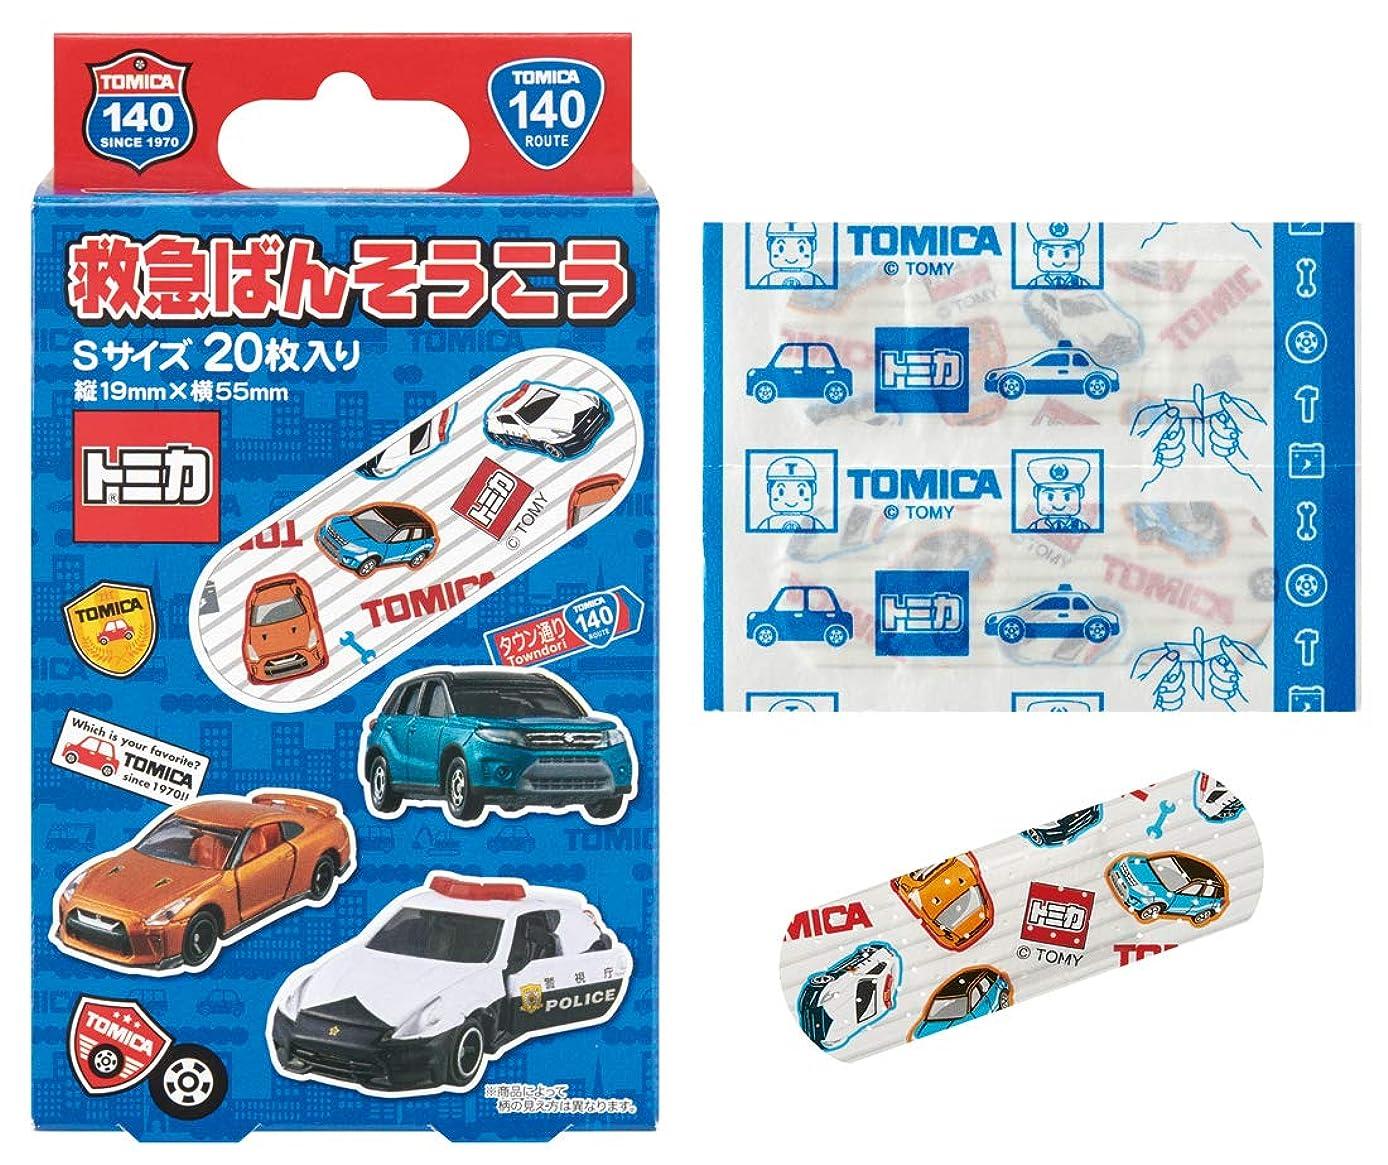 肉腫先入観ラリースケーター 救急 ばんそうこう トミカ Sサイズ 20枚 絆創膏 日本製 QQB2